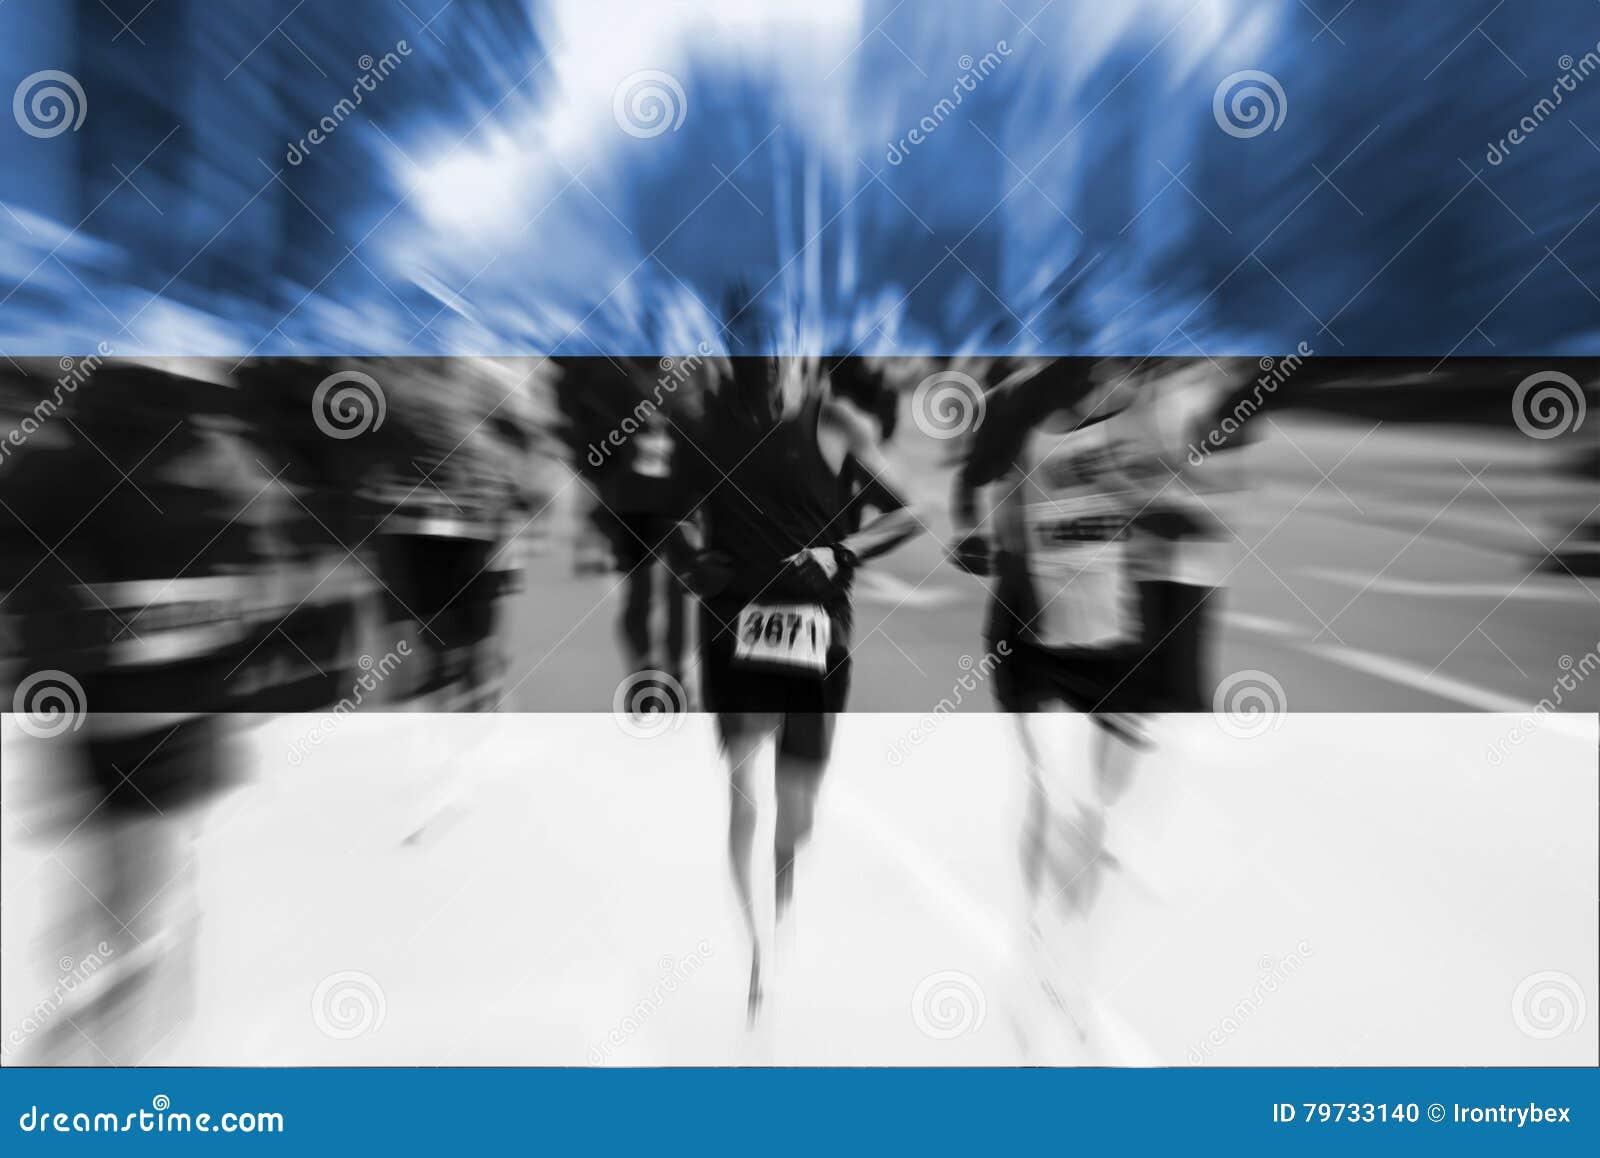 Falta de definición de movimiento del corredor de maratón con la mezcla de la bandera de Estonia